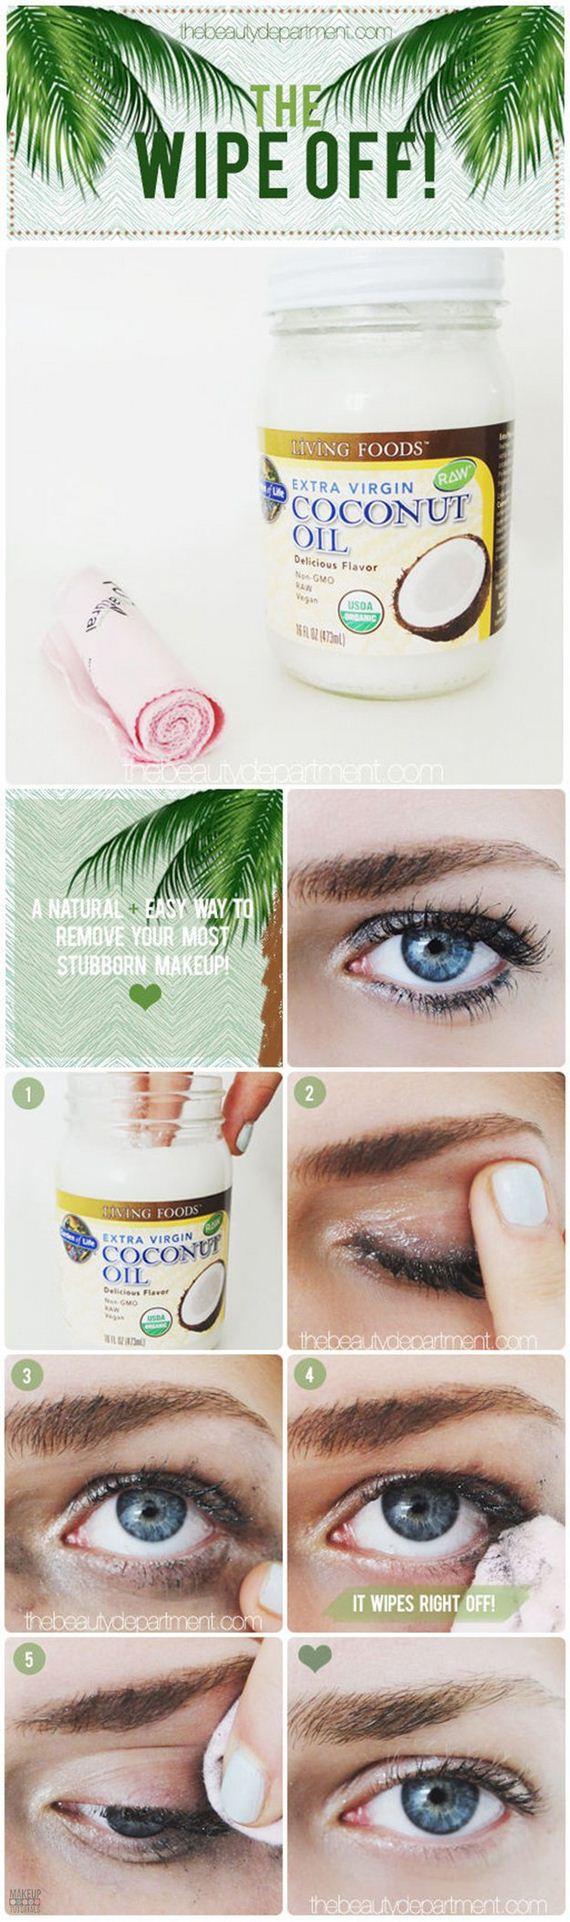 16-beauty-hacks